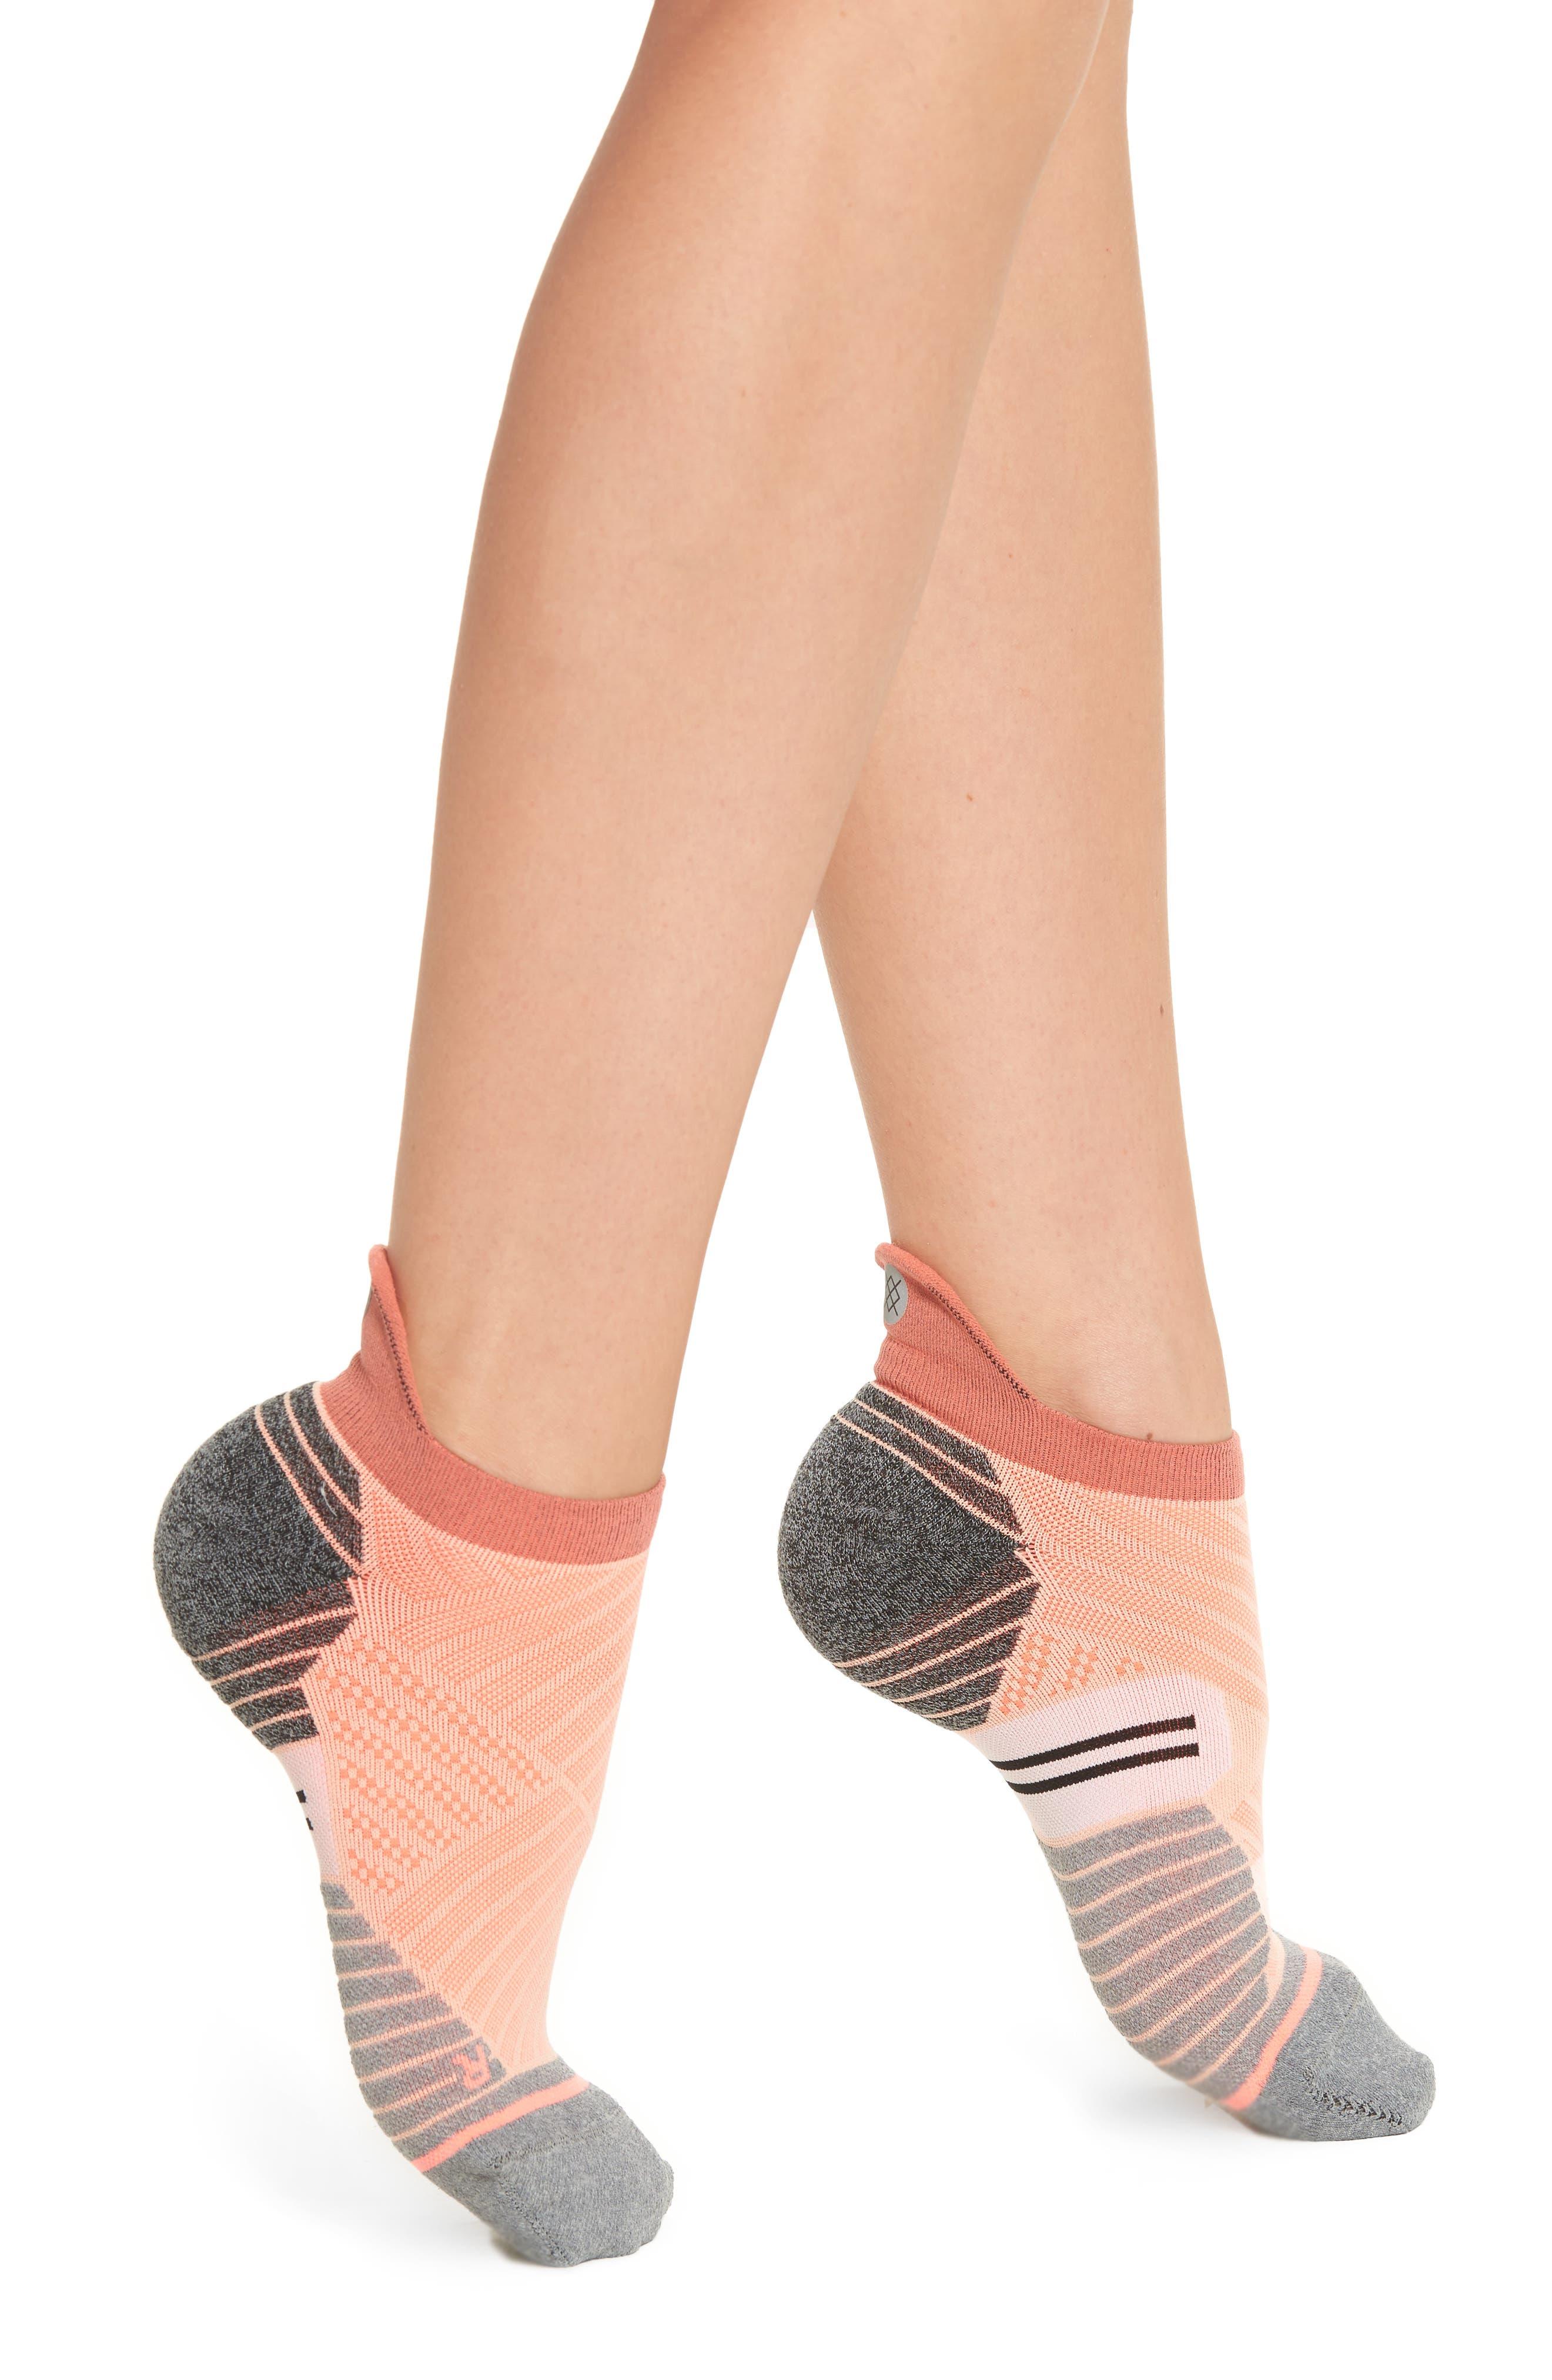 Valley Tab Running Socks,                         Main,                         color, Peach